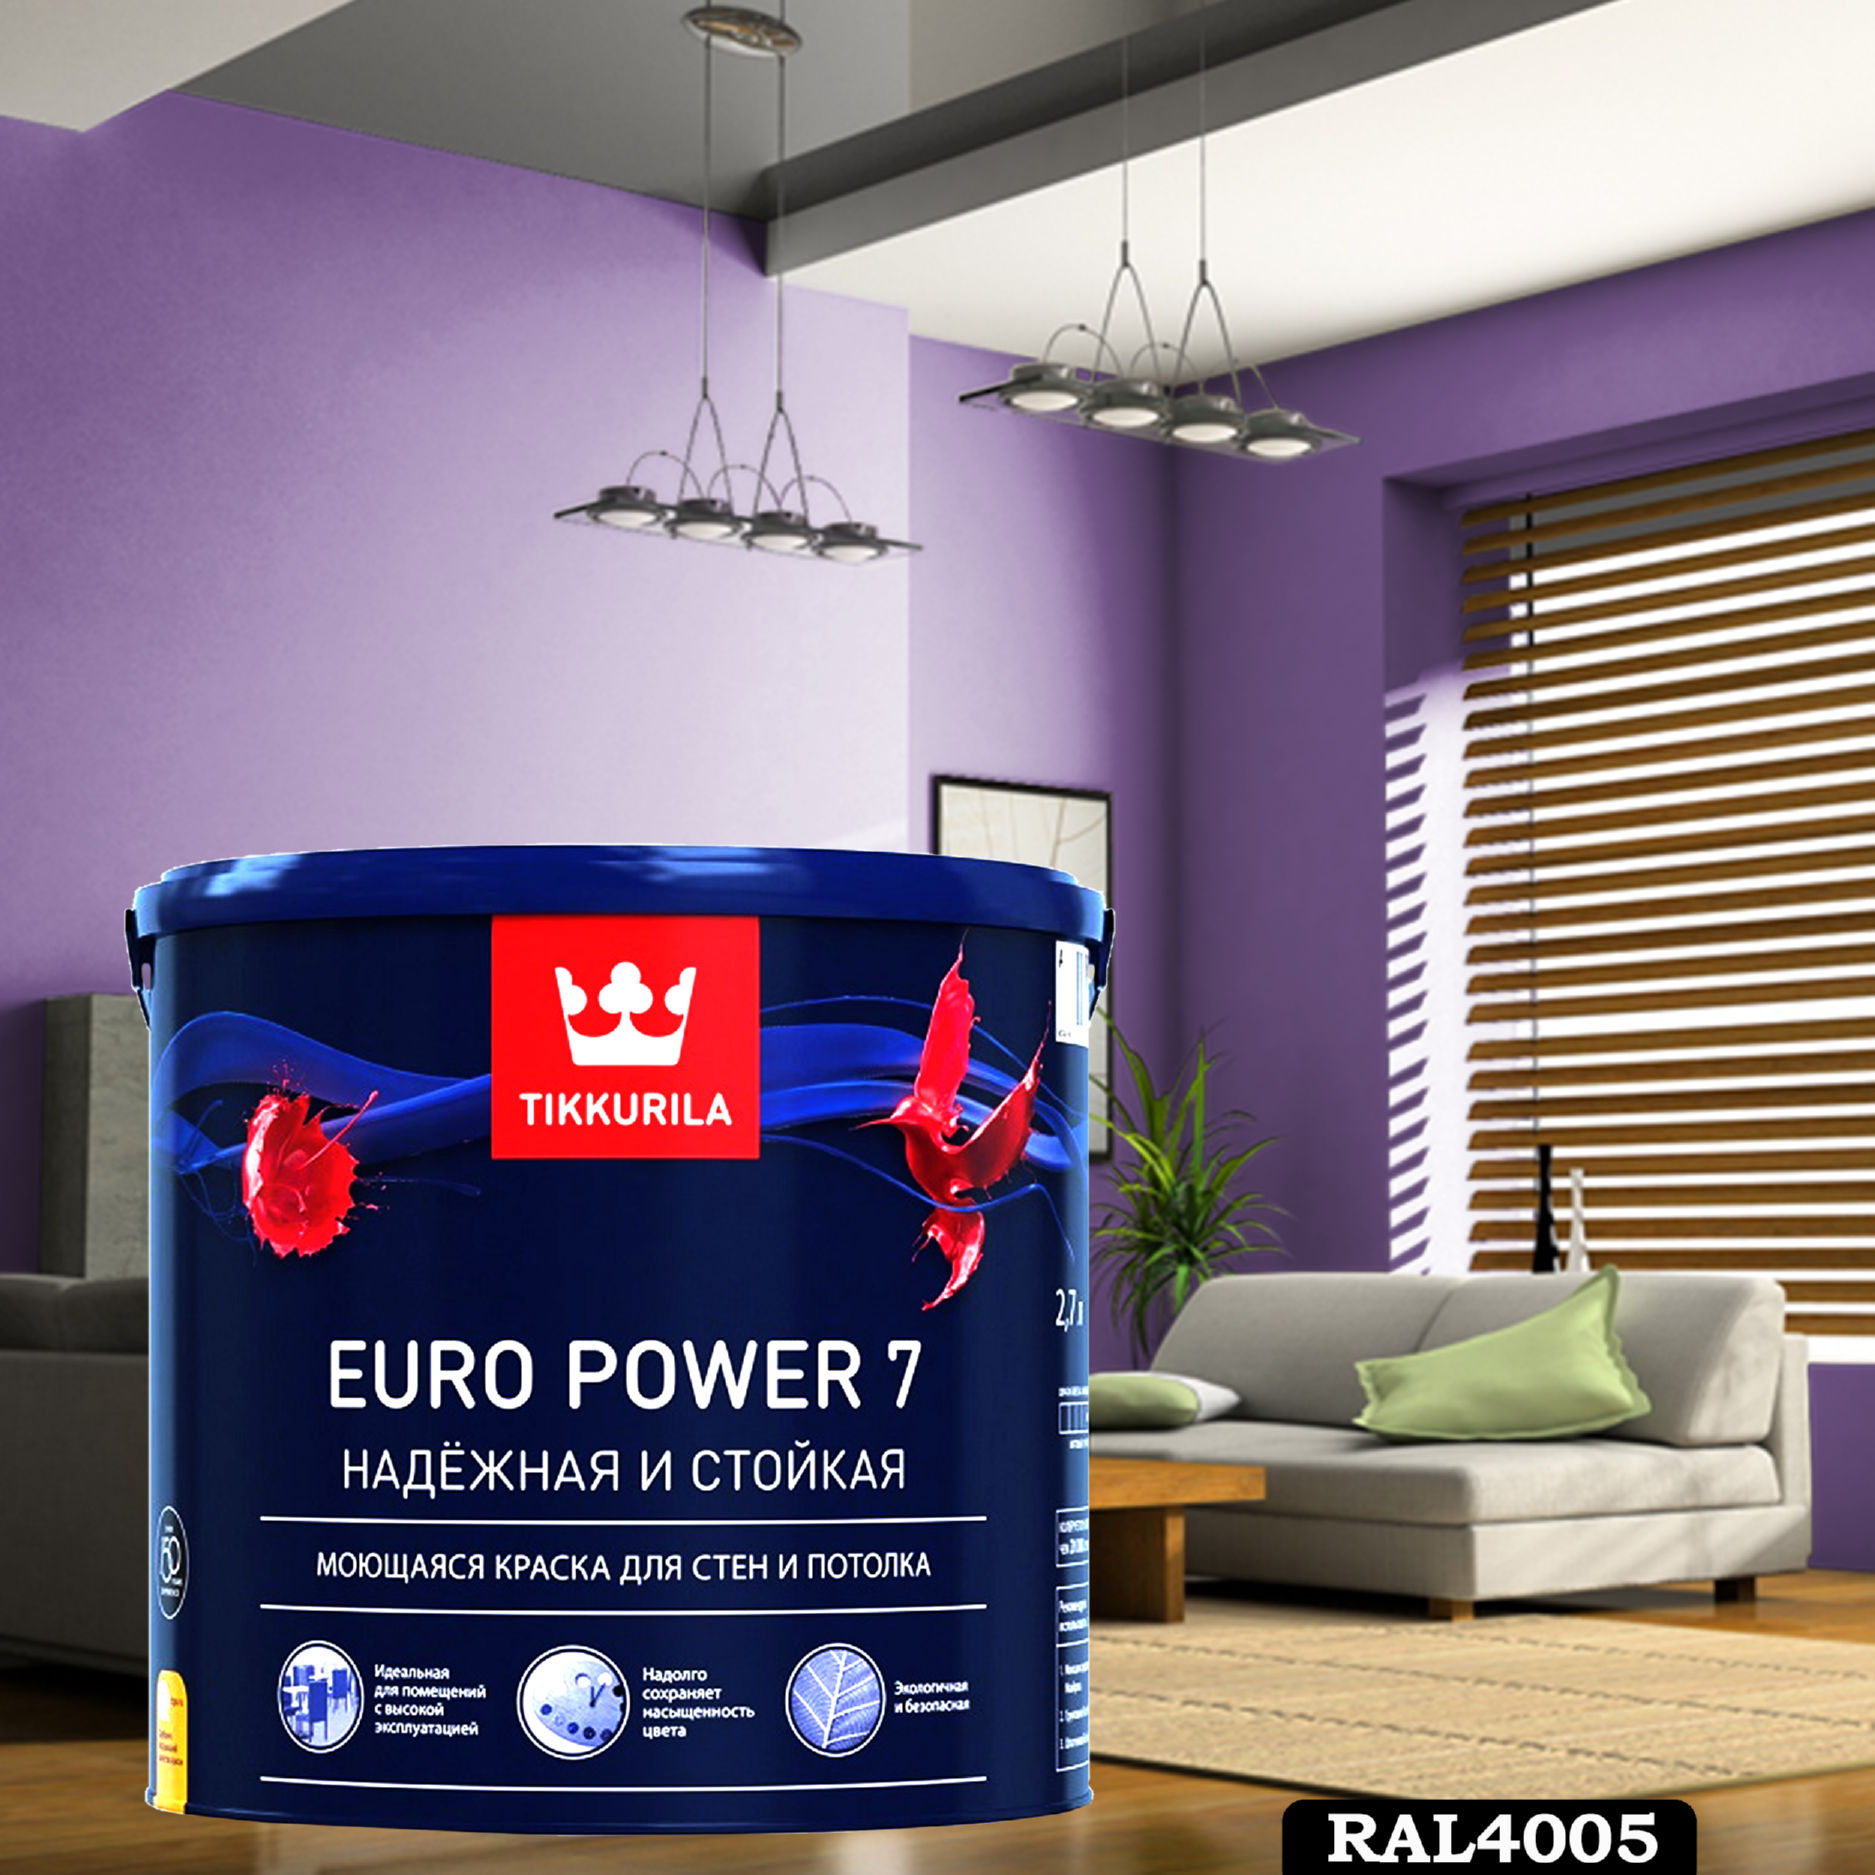 Фото 5 - Краска TIKKURILA Euro Power 7,  RAL 4005 Сине-сиреневый, латексная моющаяся матовая интерьерная, 9 л.